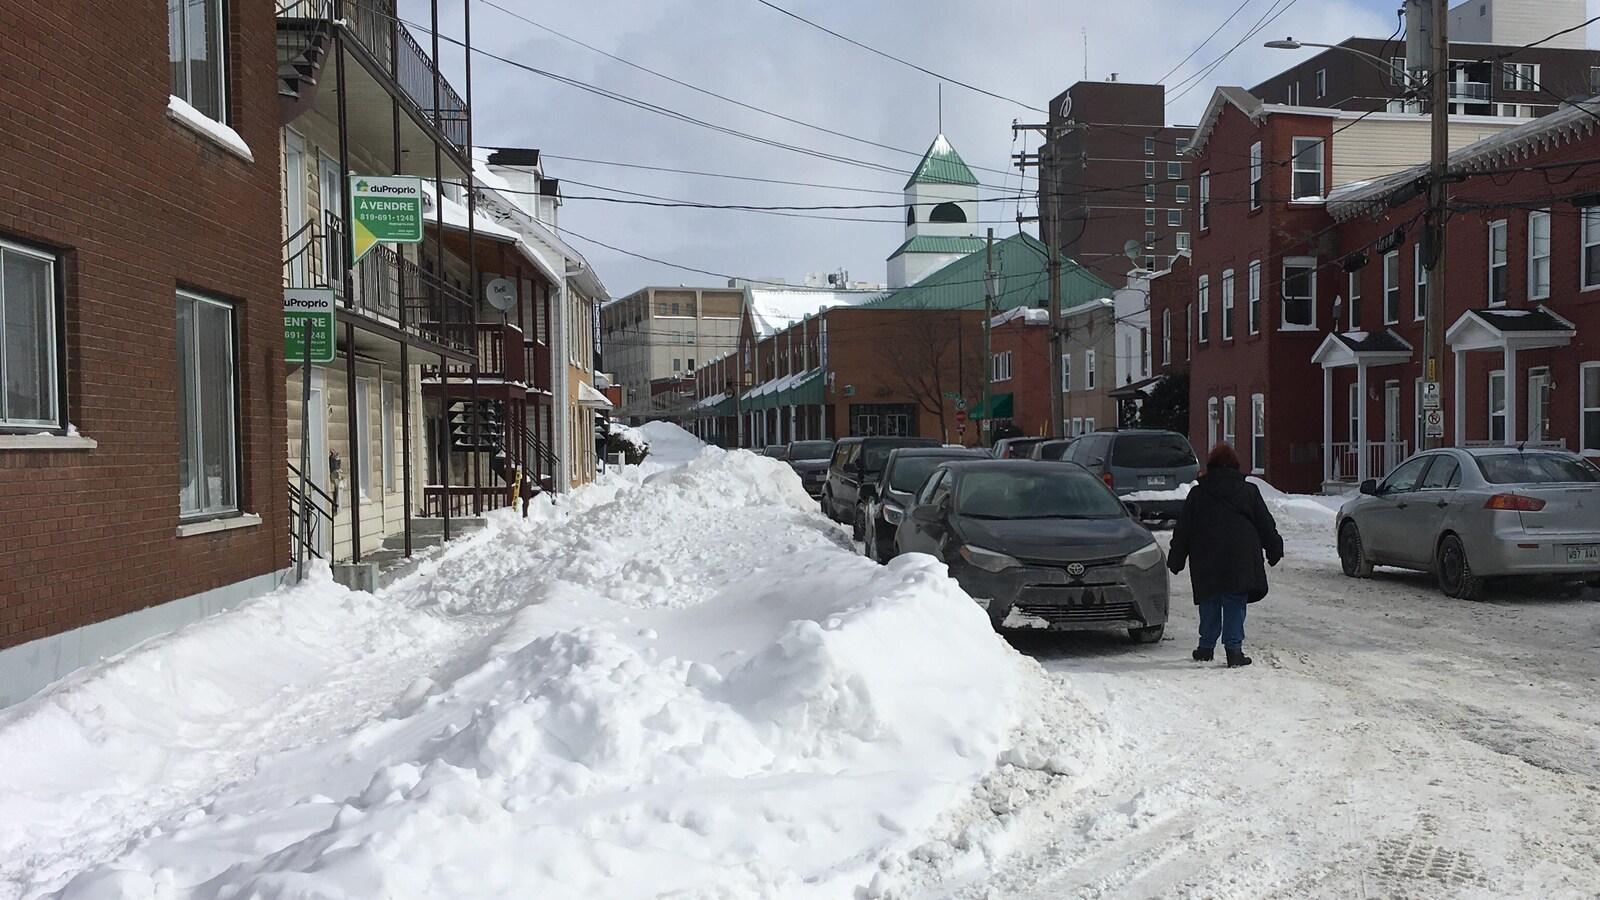 Une femme marche dans une rue de Trois-Rivières à côté d'un trottoir recouvert de neige.